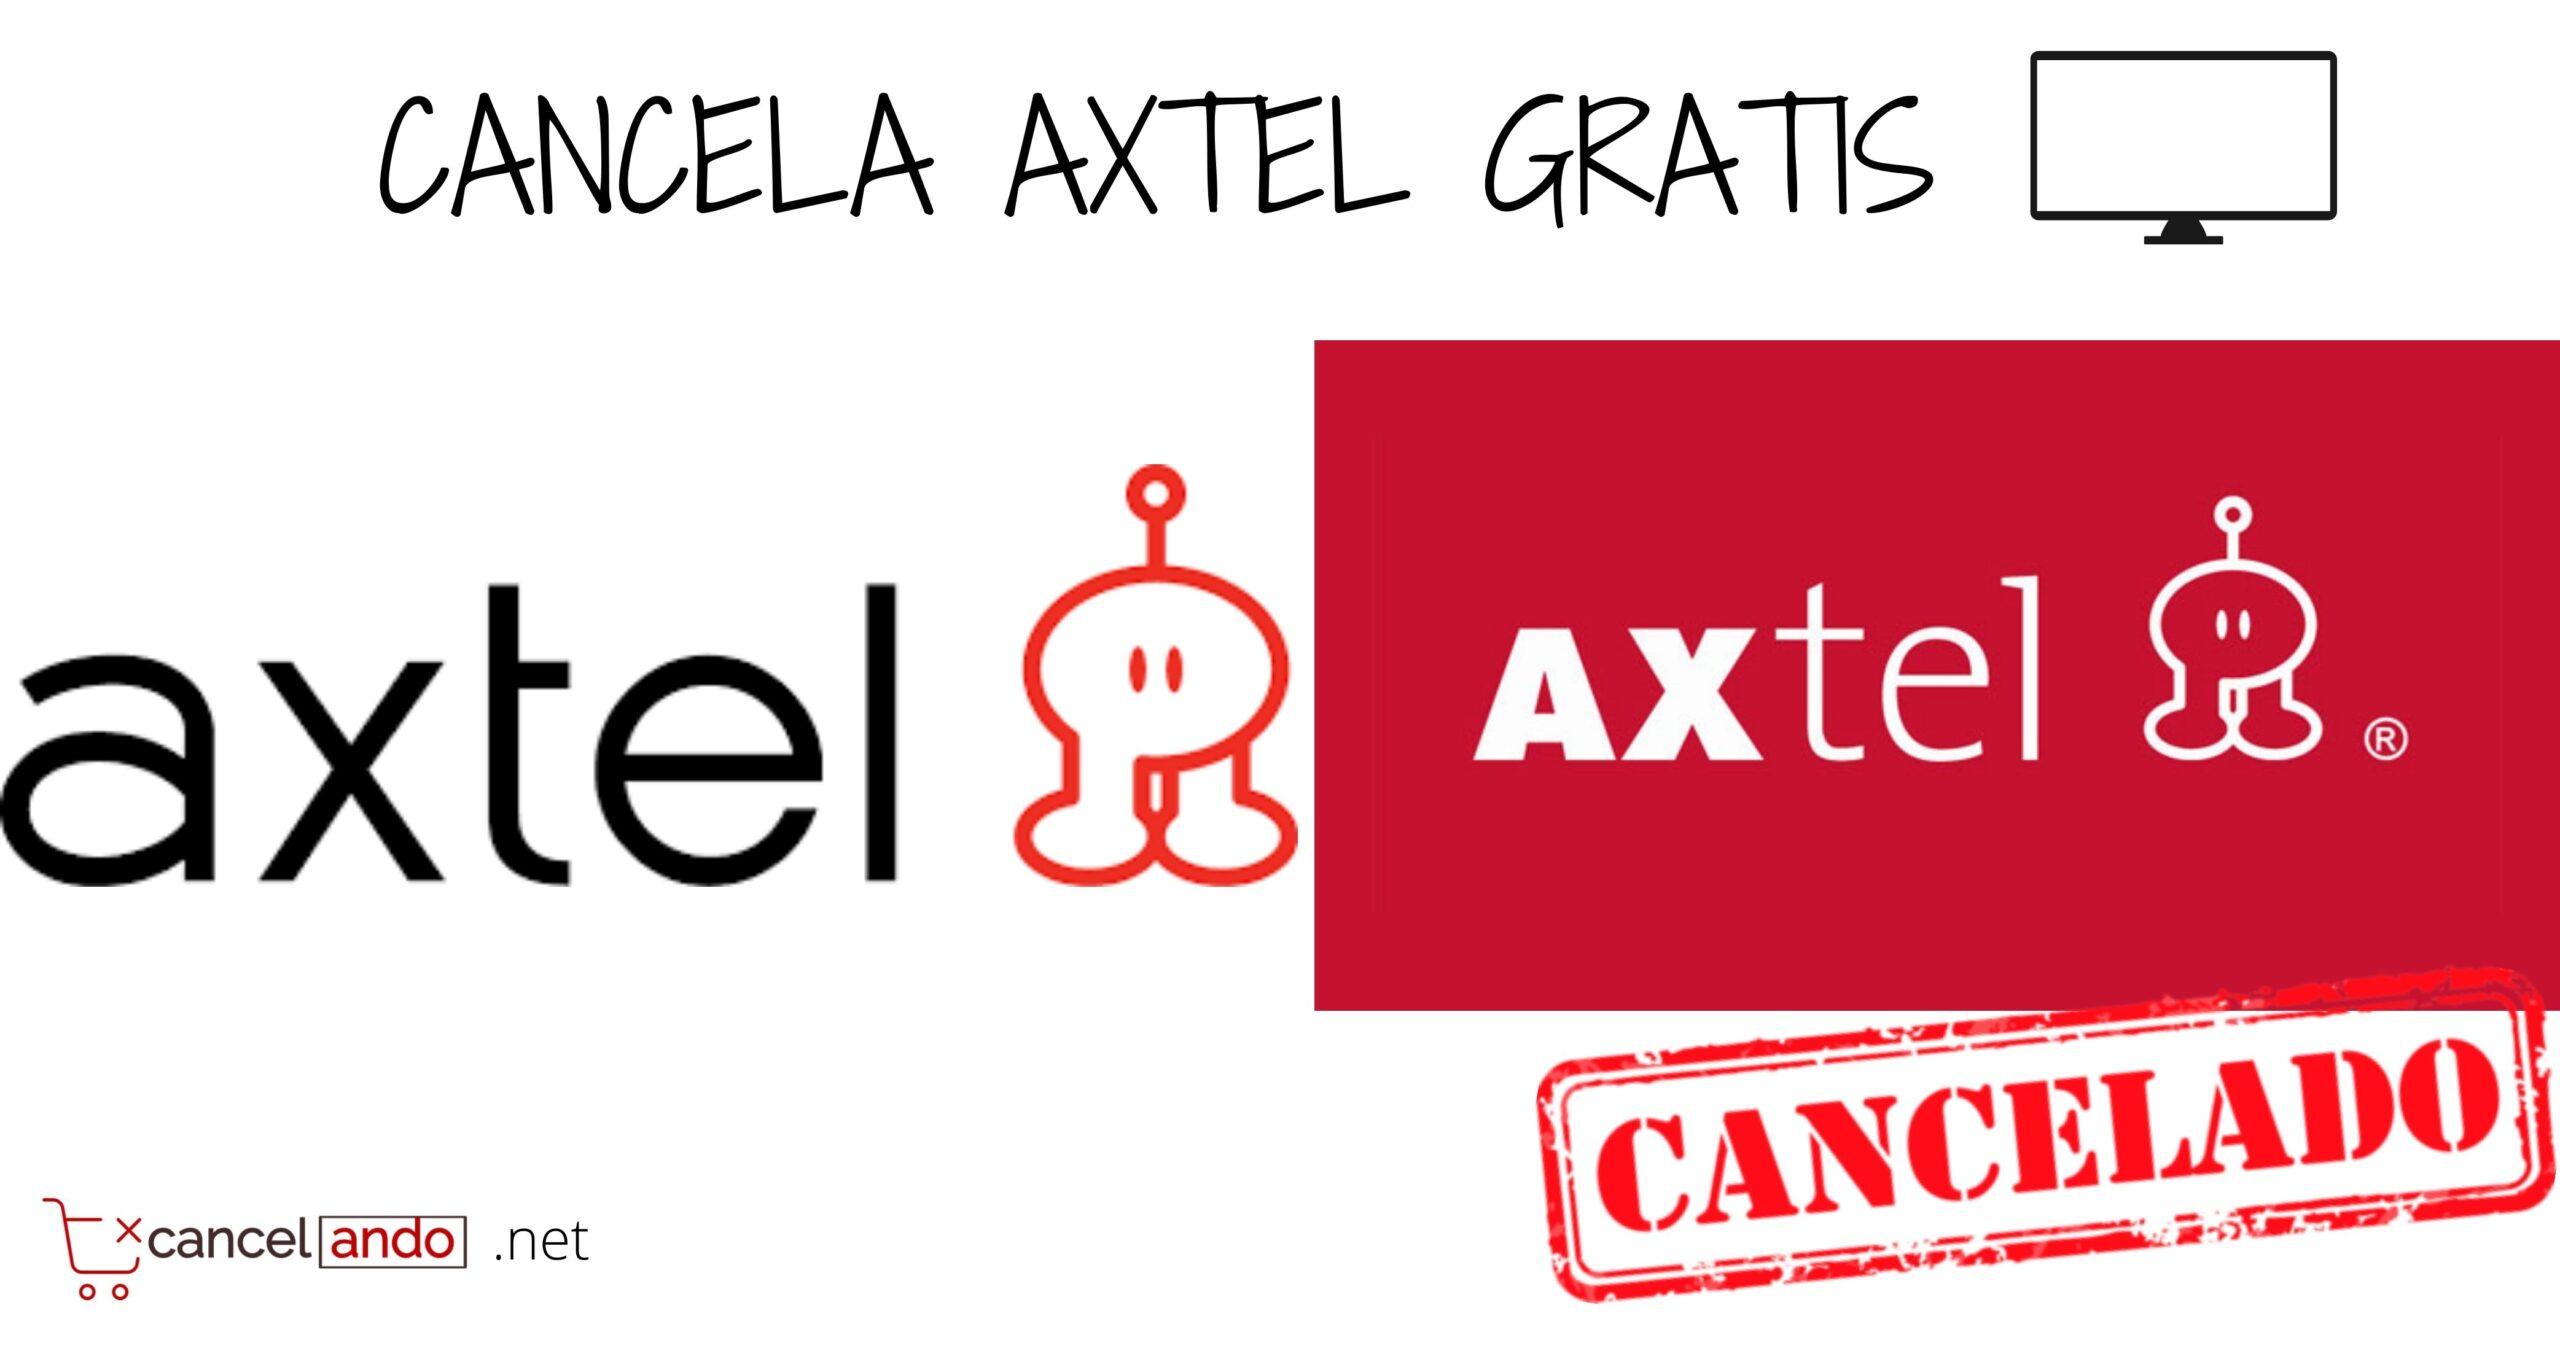 cancelar axtel